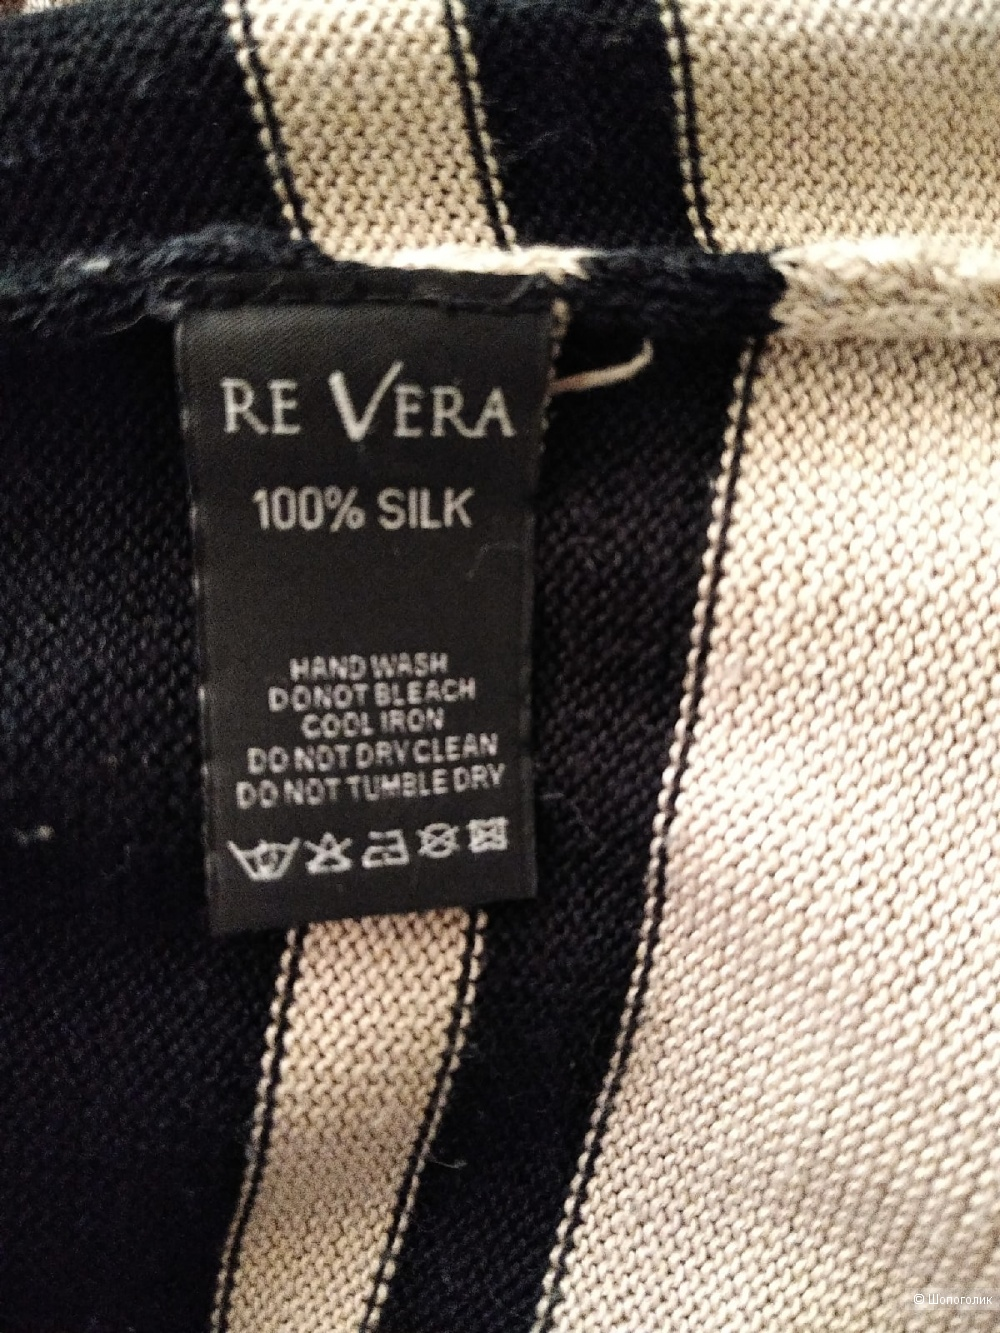 Топ из 100% шелка Re Vera (42-44 размер).